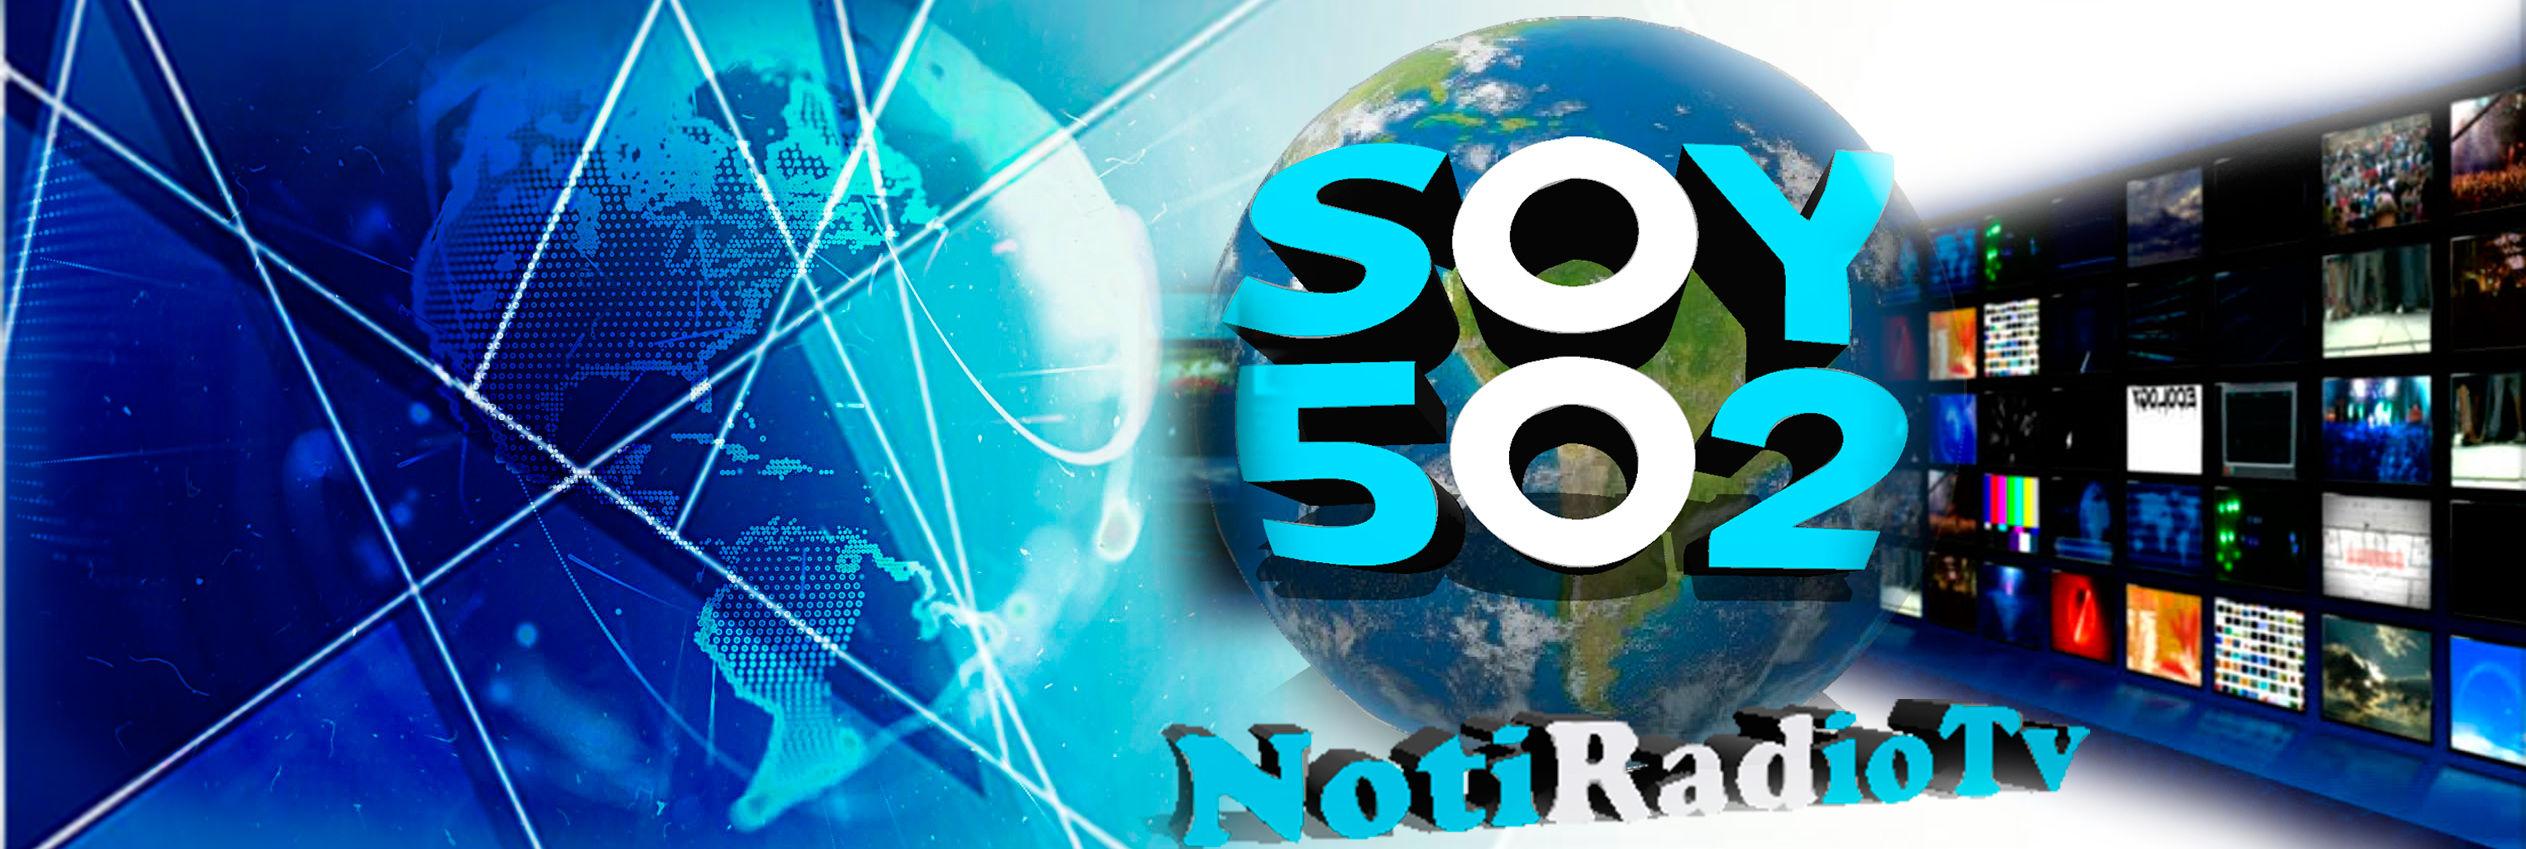 EnlacenoticiastvSoy502